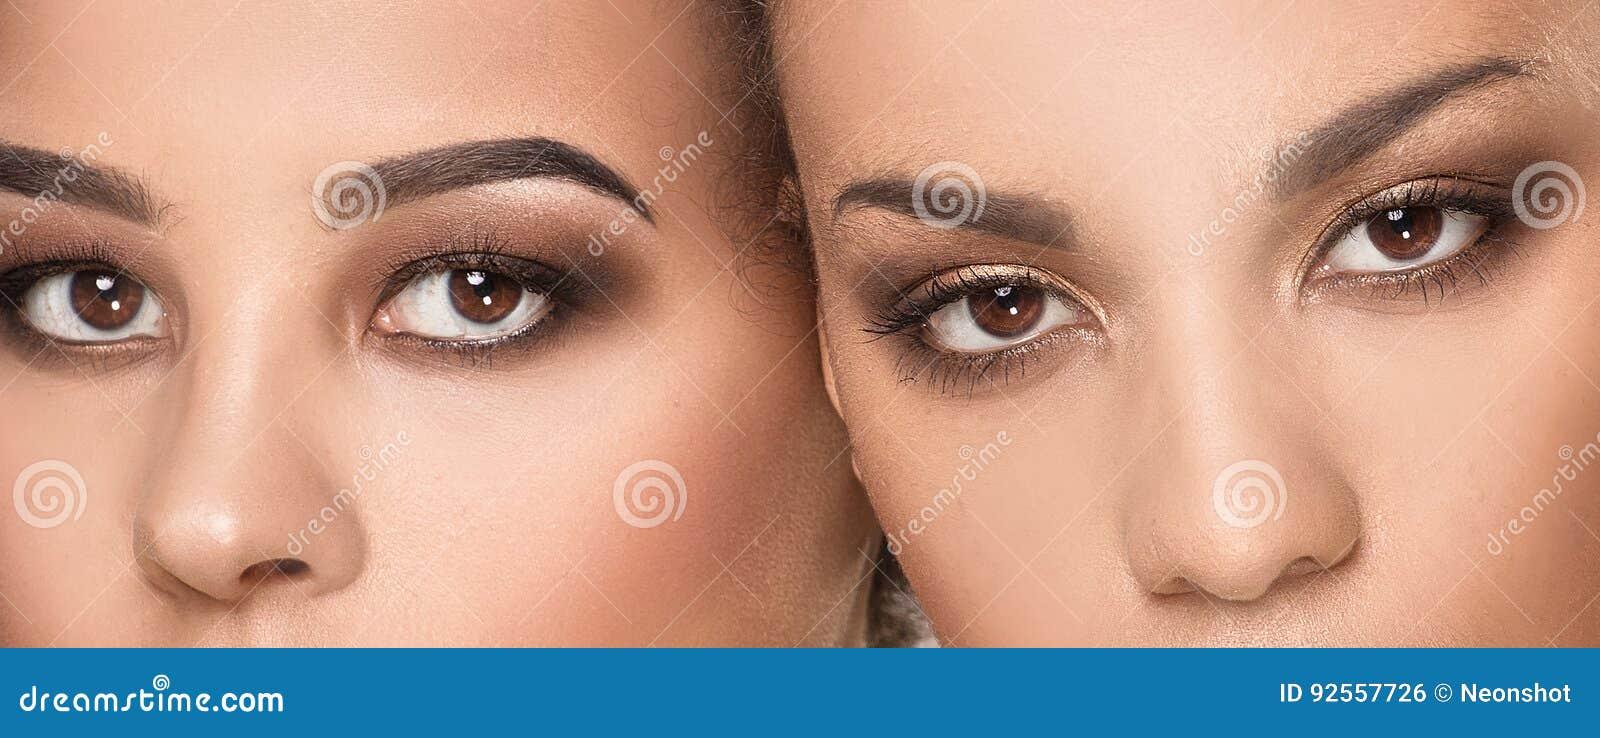 Un ritratto di bellezza di due ragazze afroamericane